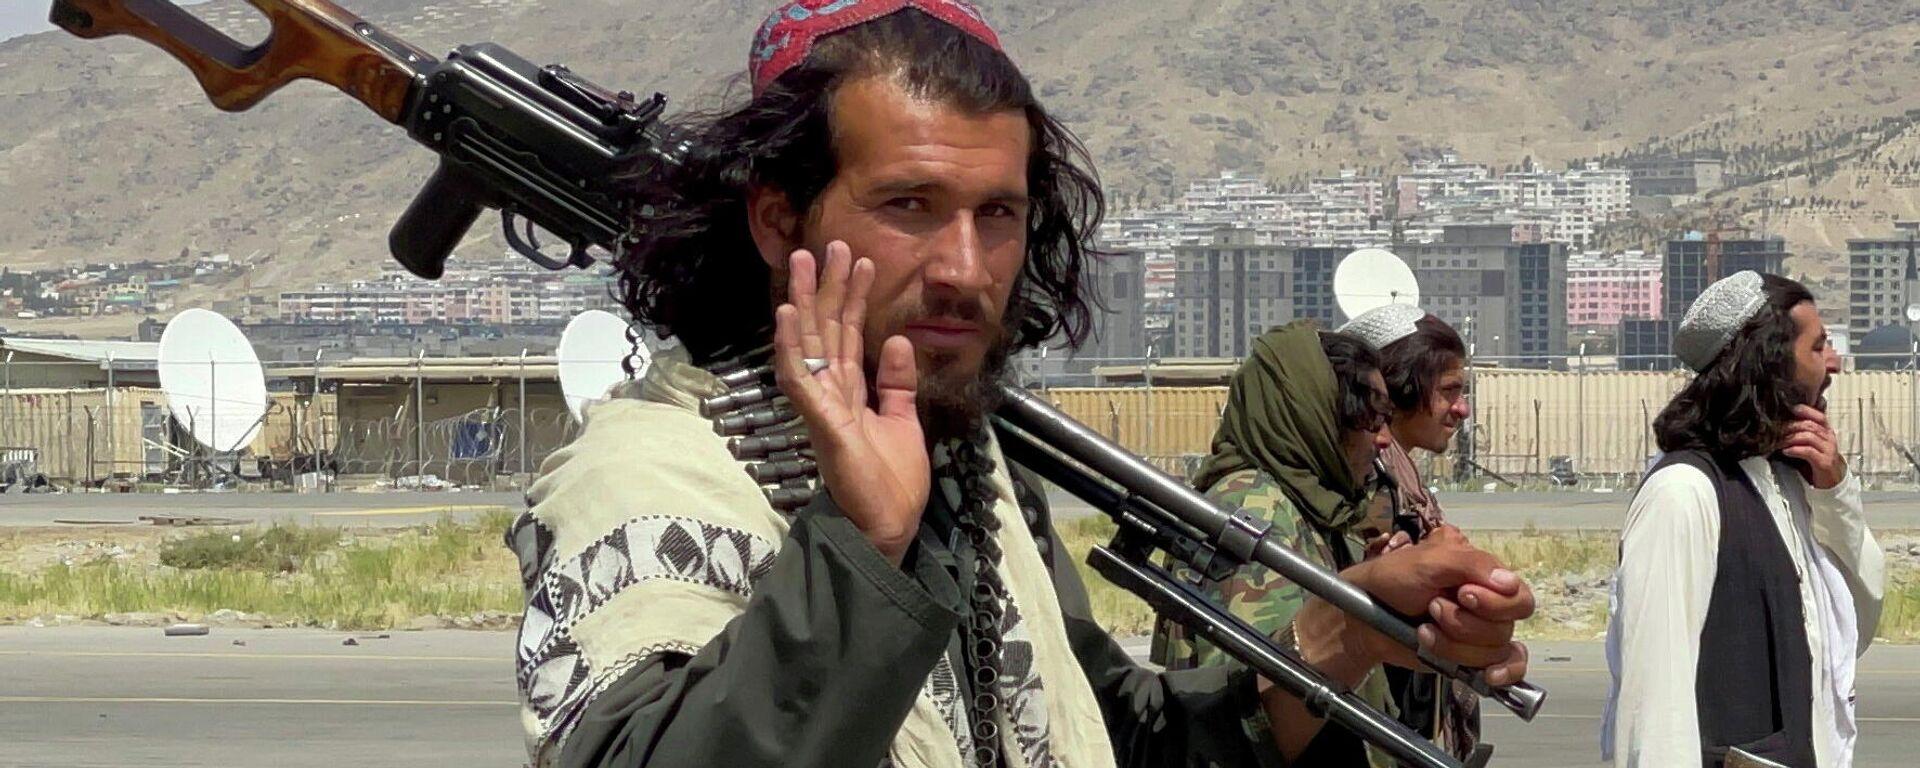 Боевики террористического движения Талибан - Sputnik Таджикистан, 1920, 27.09.2021